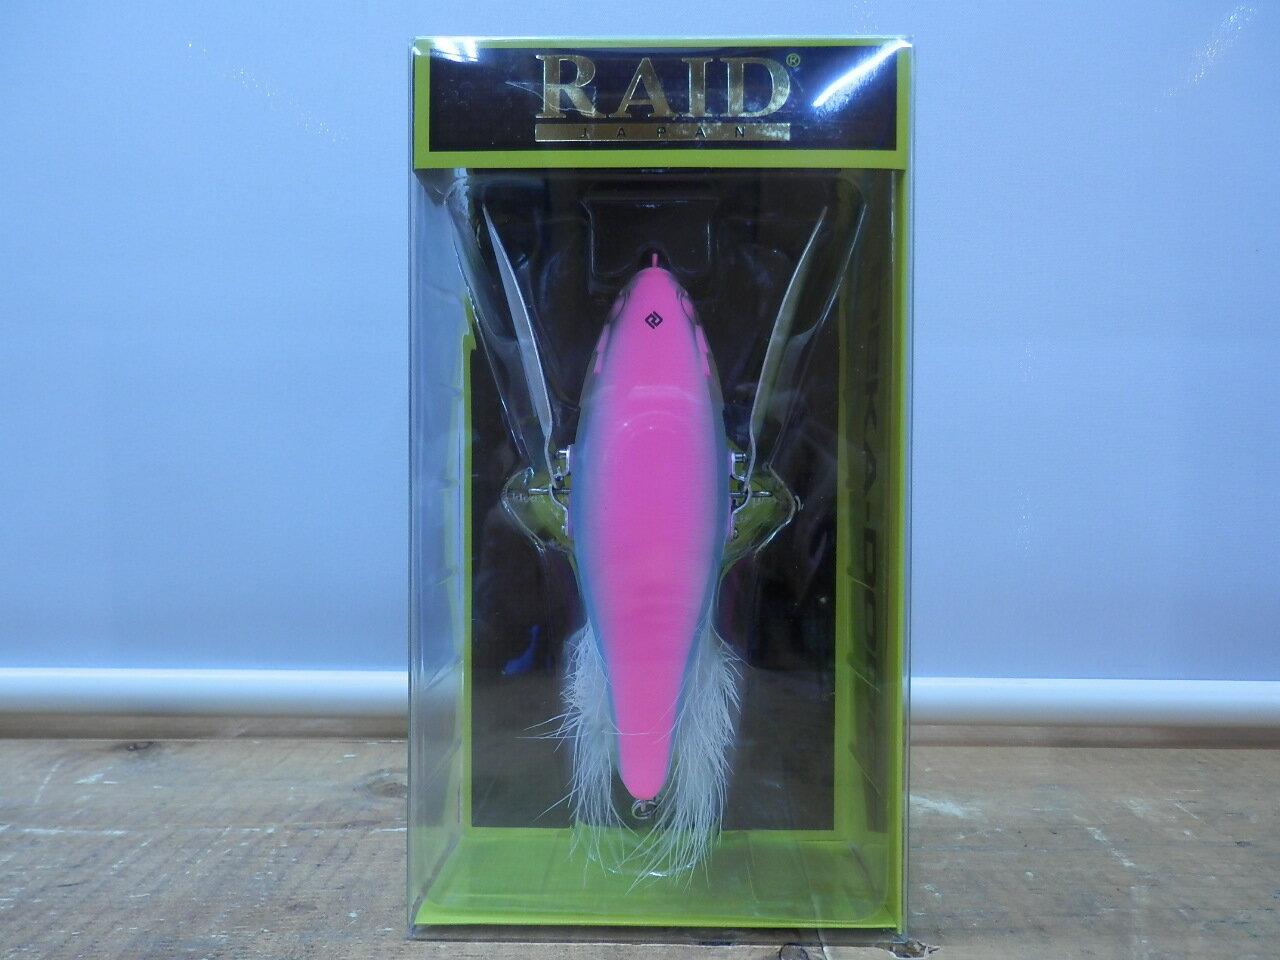 RAID JAPAN/レイドジャパンデカダッジ DGL002 PINK TRICK/ピンクトリック【恐らく未使用】【釣り/つり/釣具/ルアー】